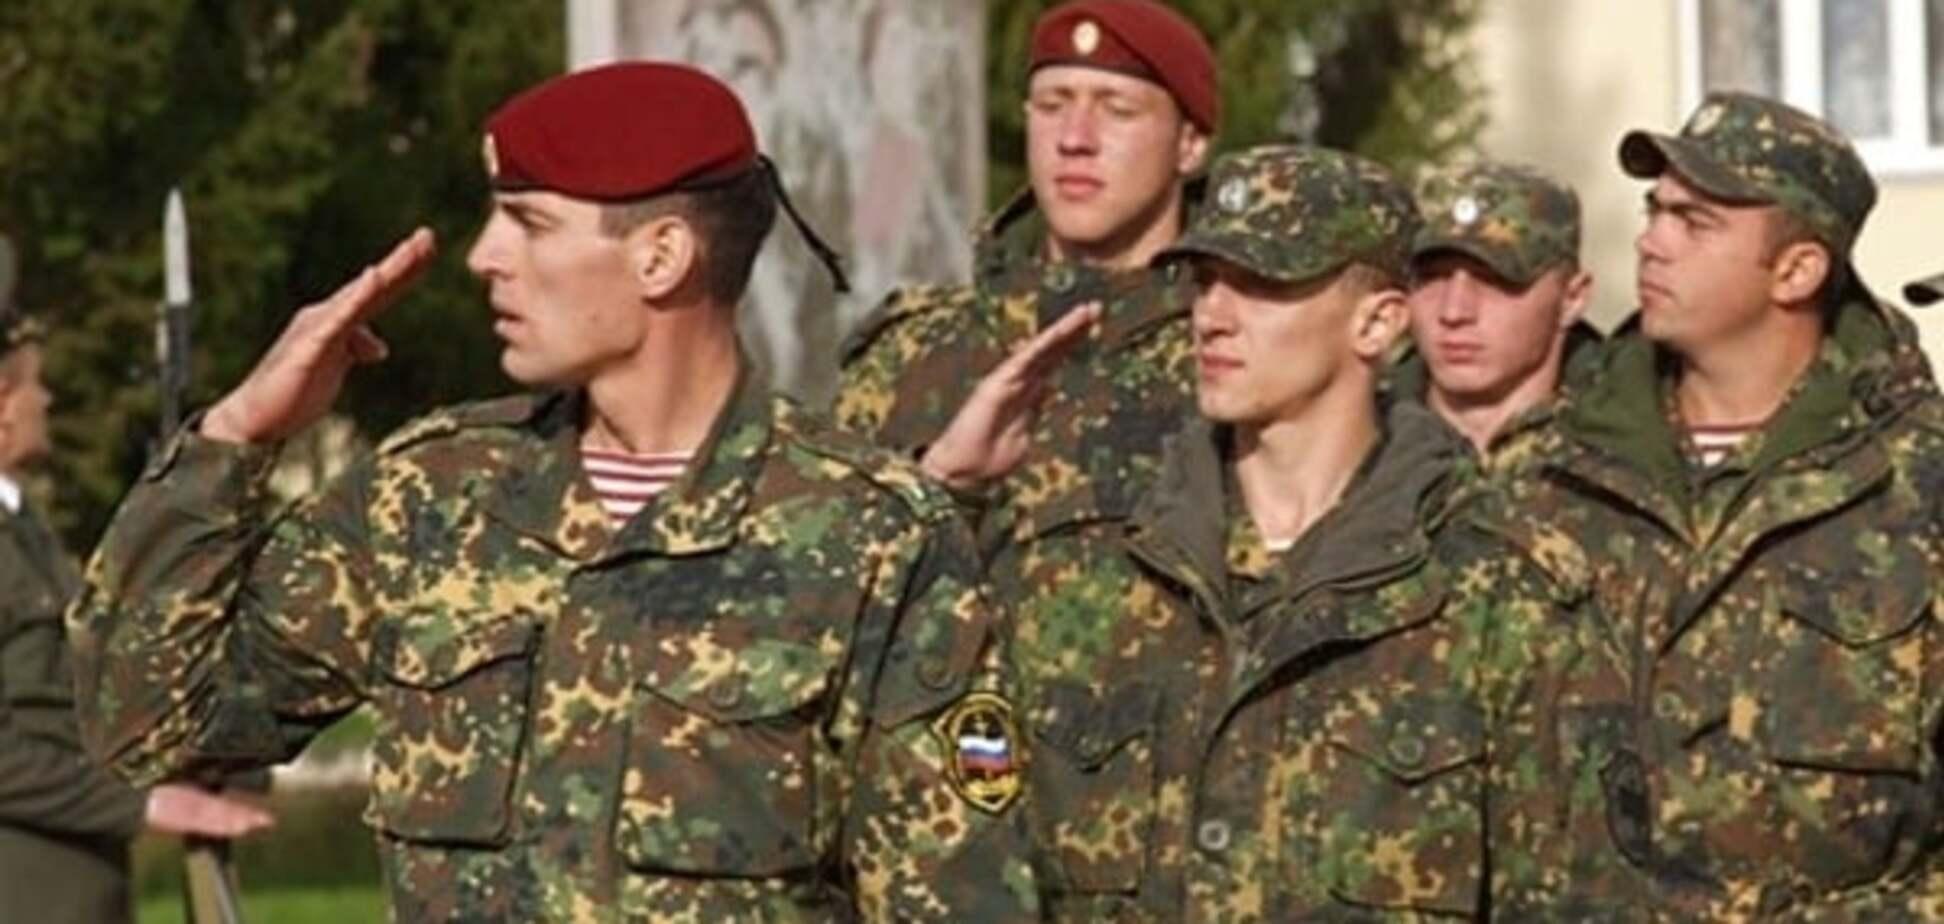 Путінська Нацгвардія прибула на Донбас ловити терористів-дезертирів - ГУР